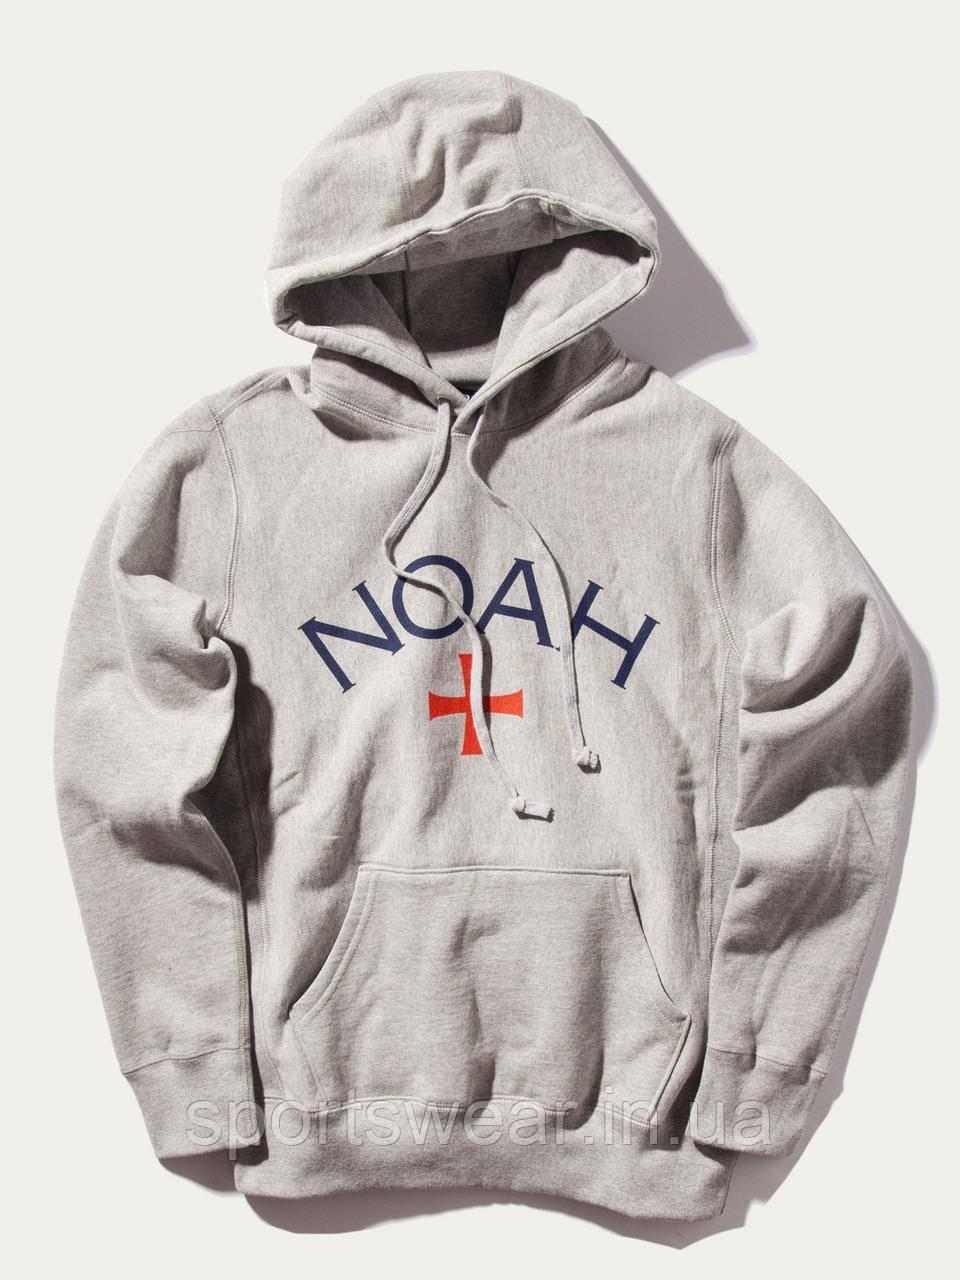 Худи NOAH серое c логотипом, унисекс